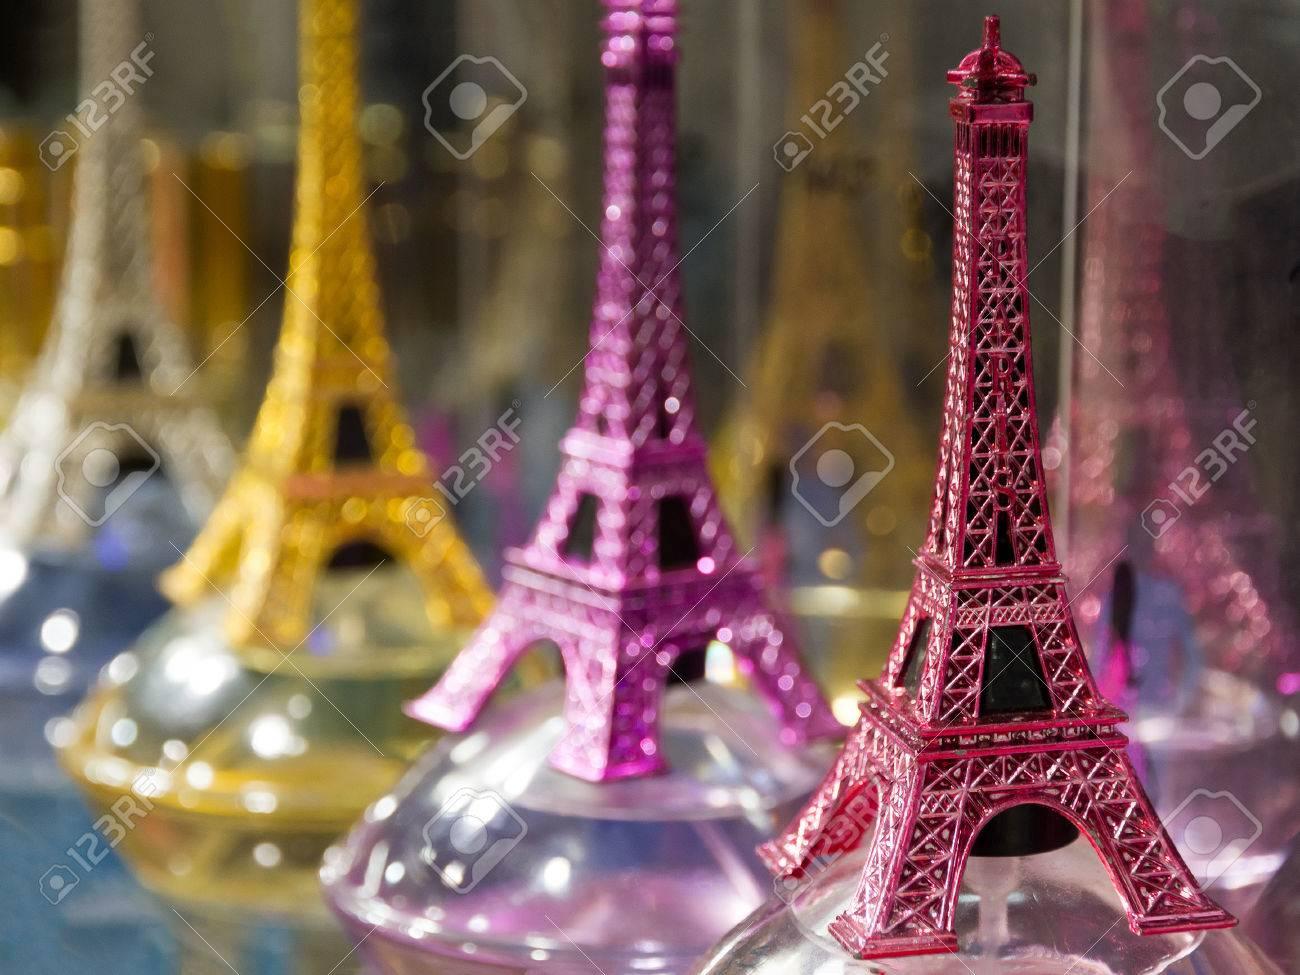 Eiffel tower tour de eiffel souvenirs for selling in a souvenir eiffel tower tour de eiffel souvenirs for selling in a souvenir shop in paris publicscrutiny Images